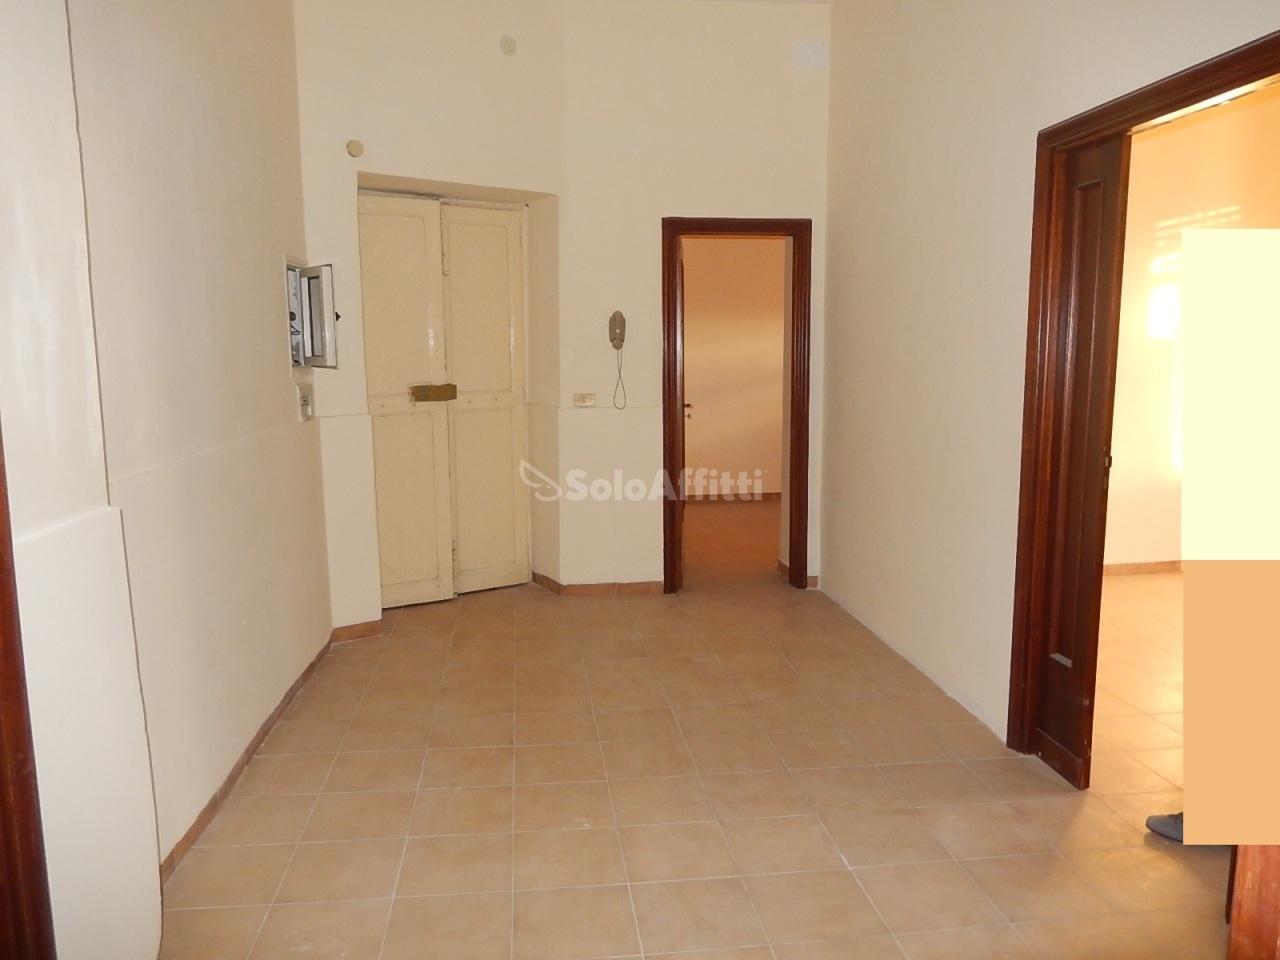 Ufficio diviso in ambienti/locali in affitto - 120 mq